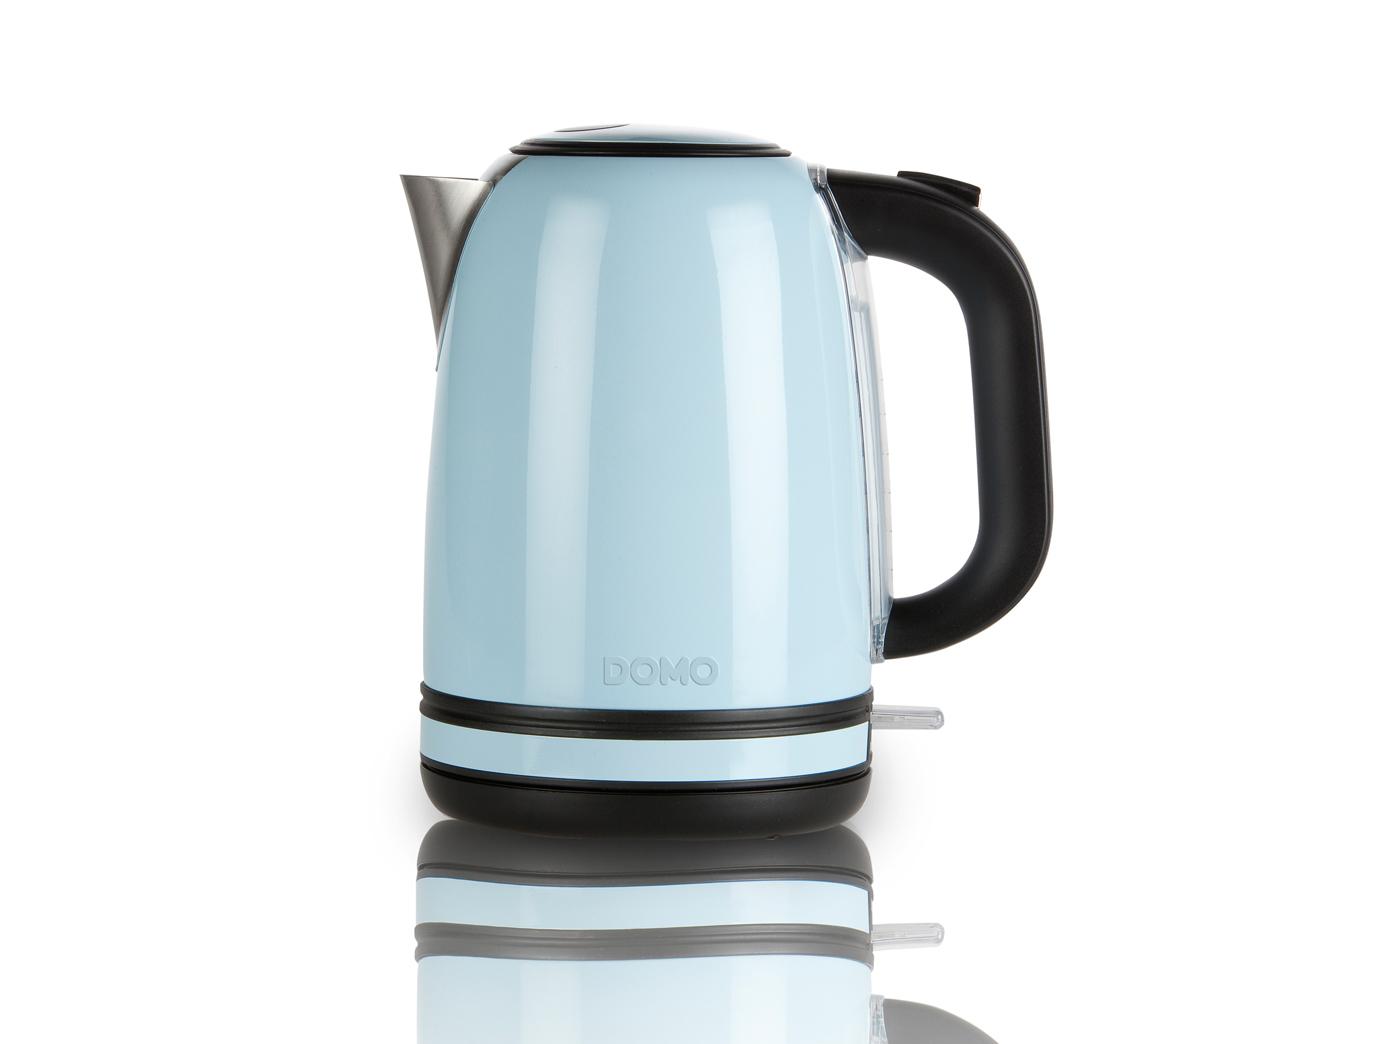 Fr hst cksset im retro design pastell blau kaffeemaschine for Wasserkocher retro design